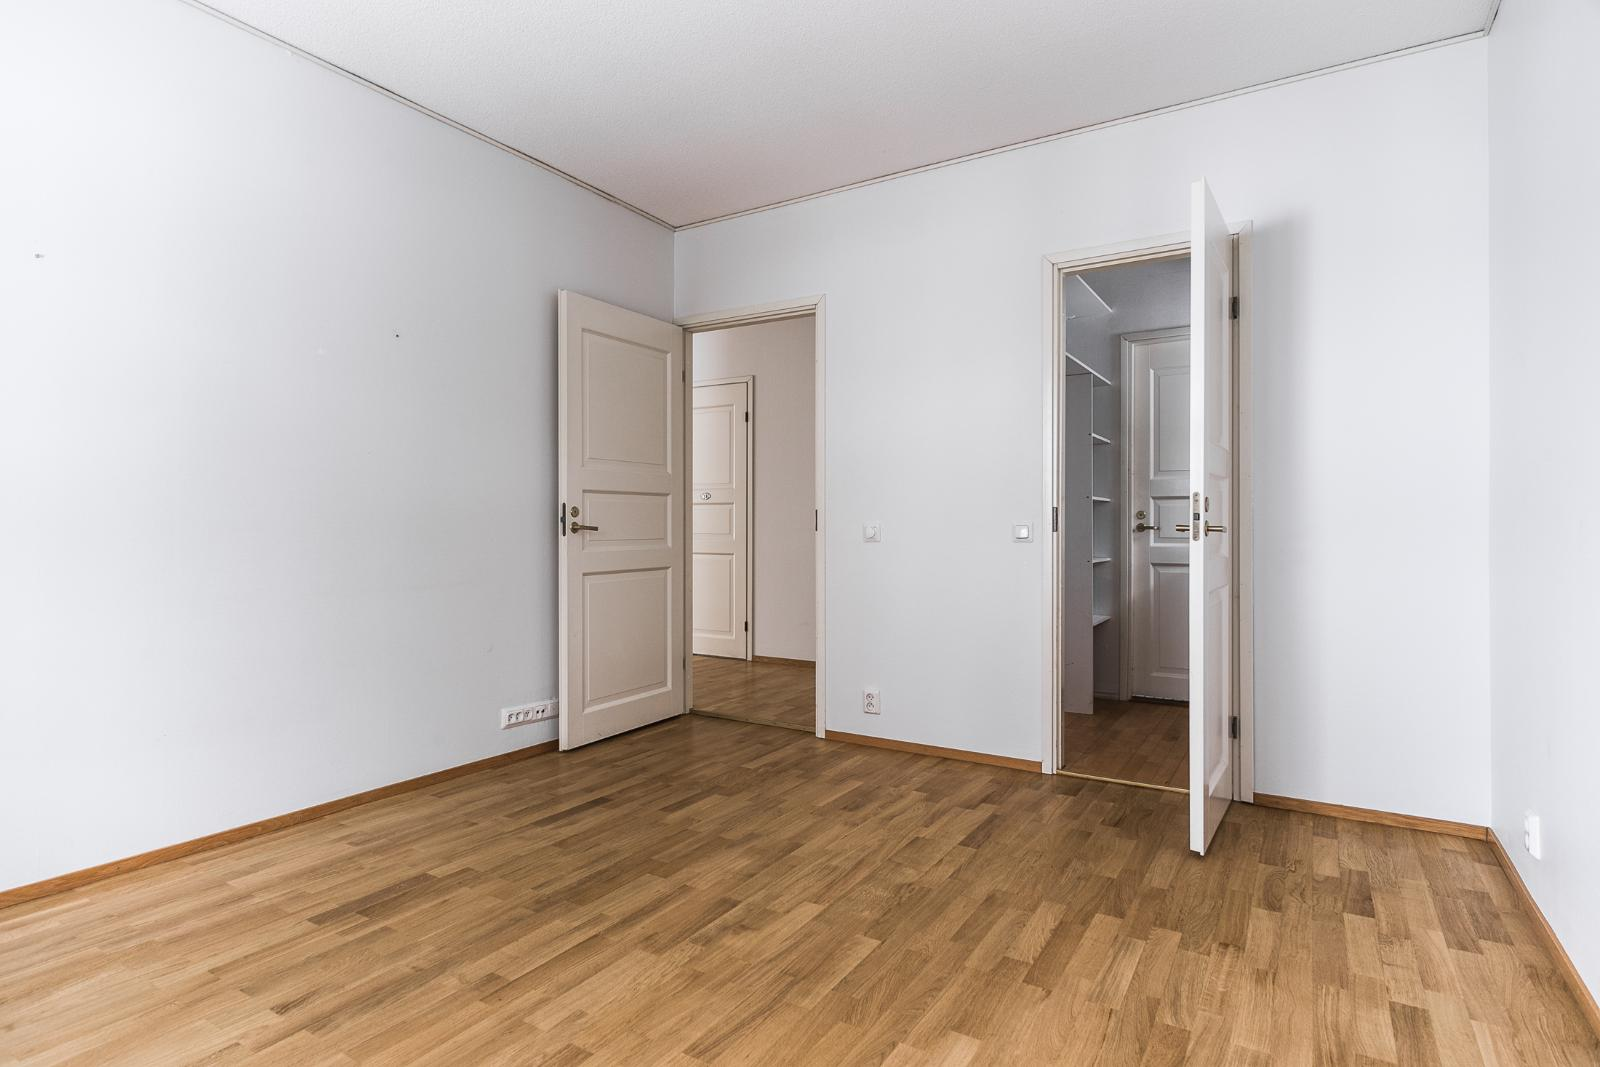 Päämakuuhuone, josta käynti vaatehuoneeseen ja kylpyhuoneeseen title=